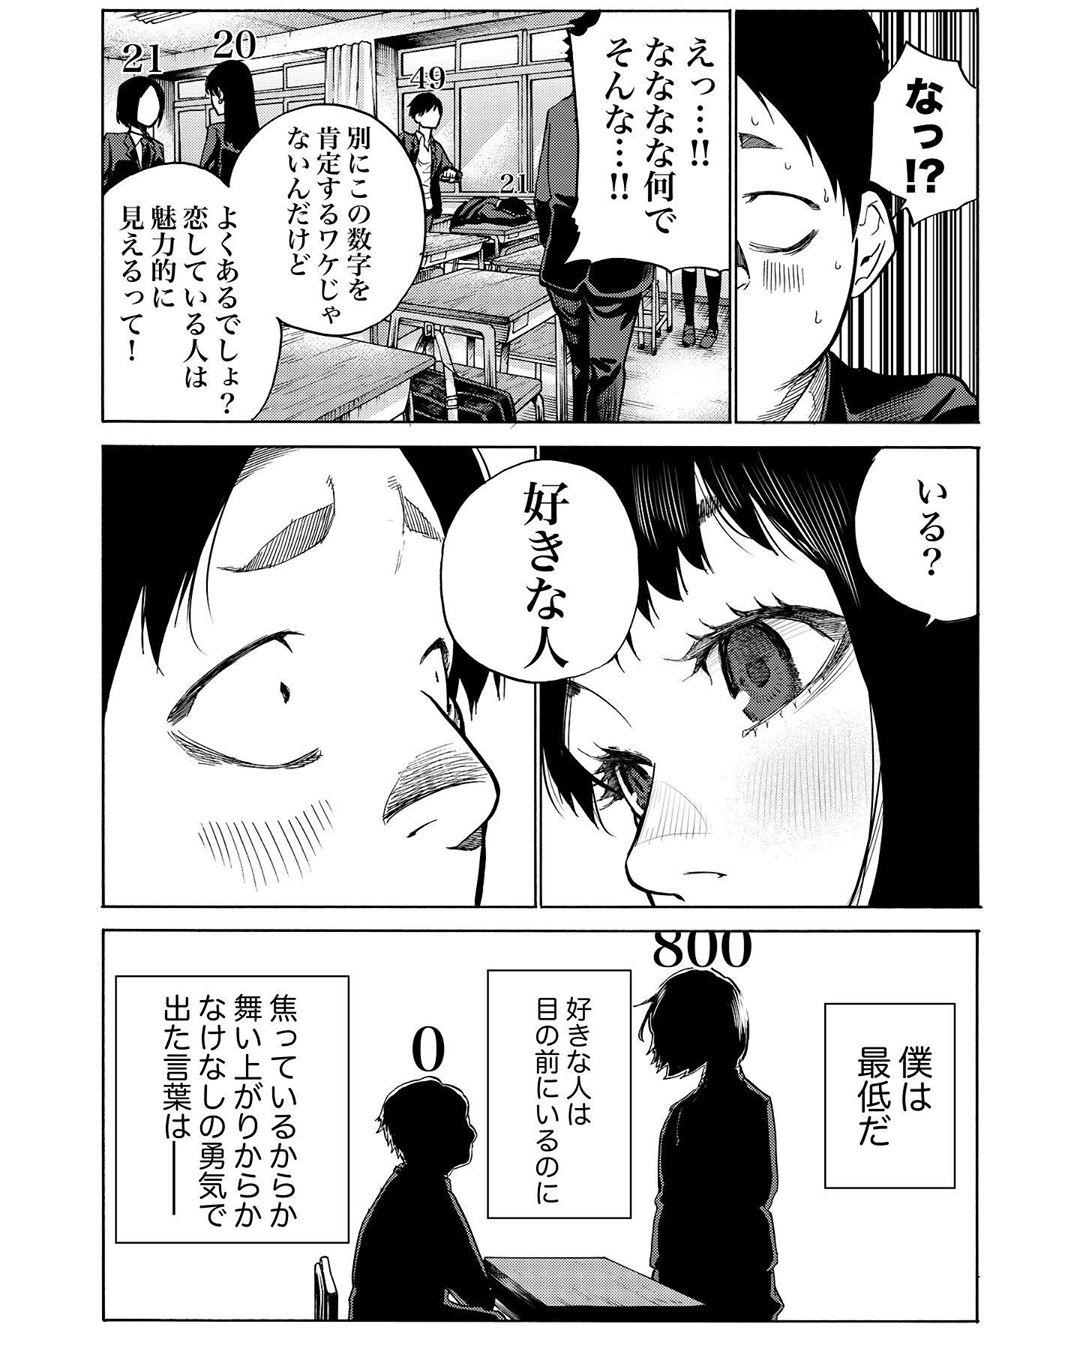 kawakamidaishirou_88316178_1943377055807284_773476540619250827_n